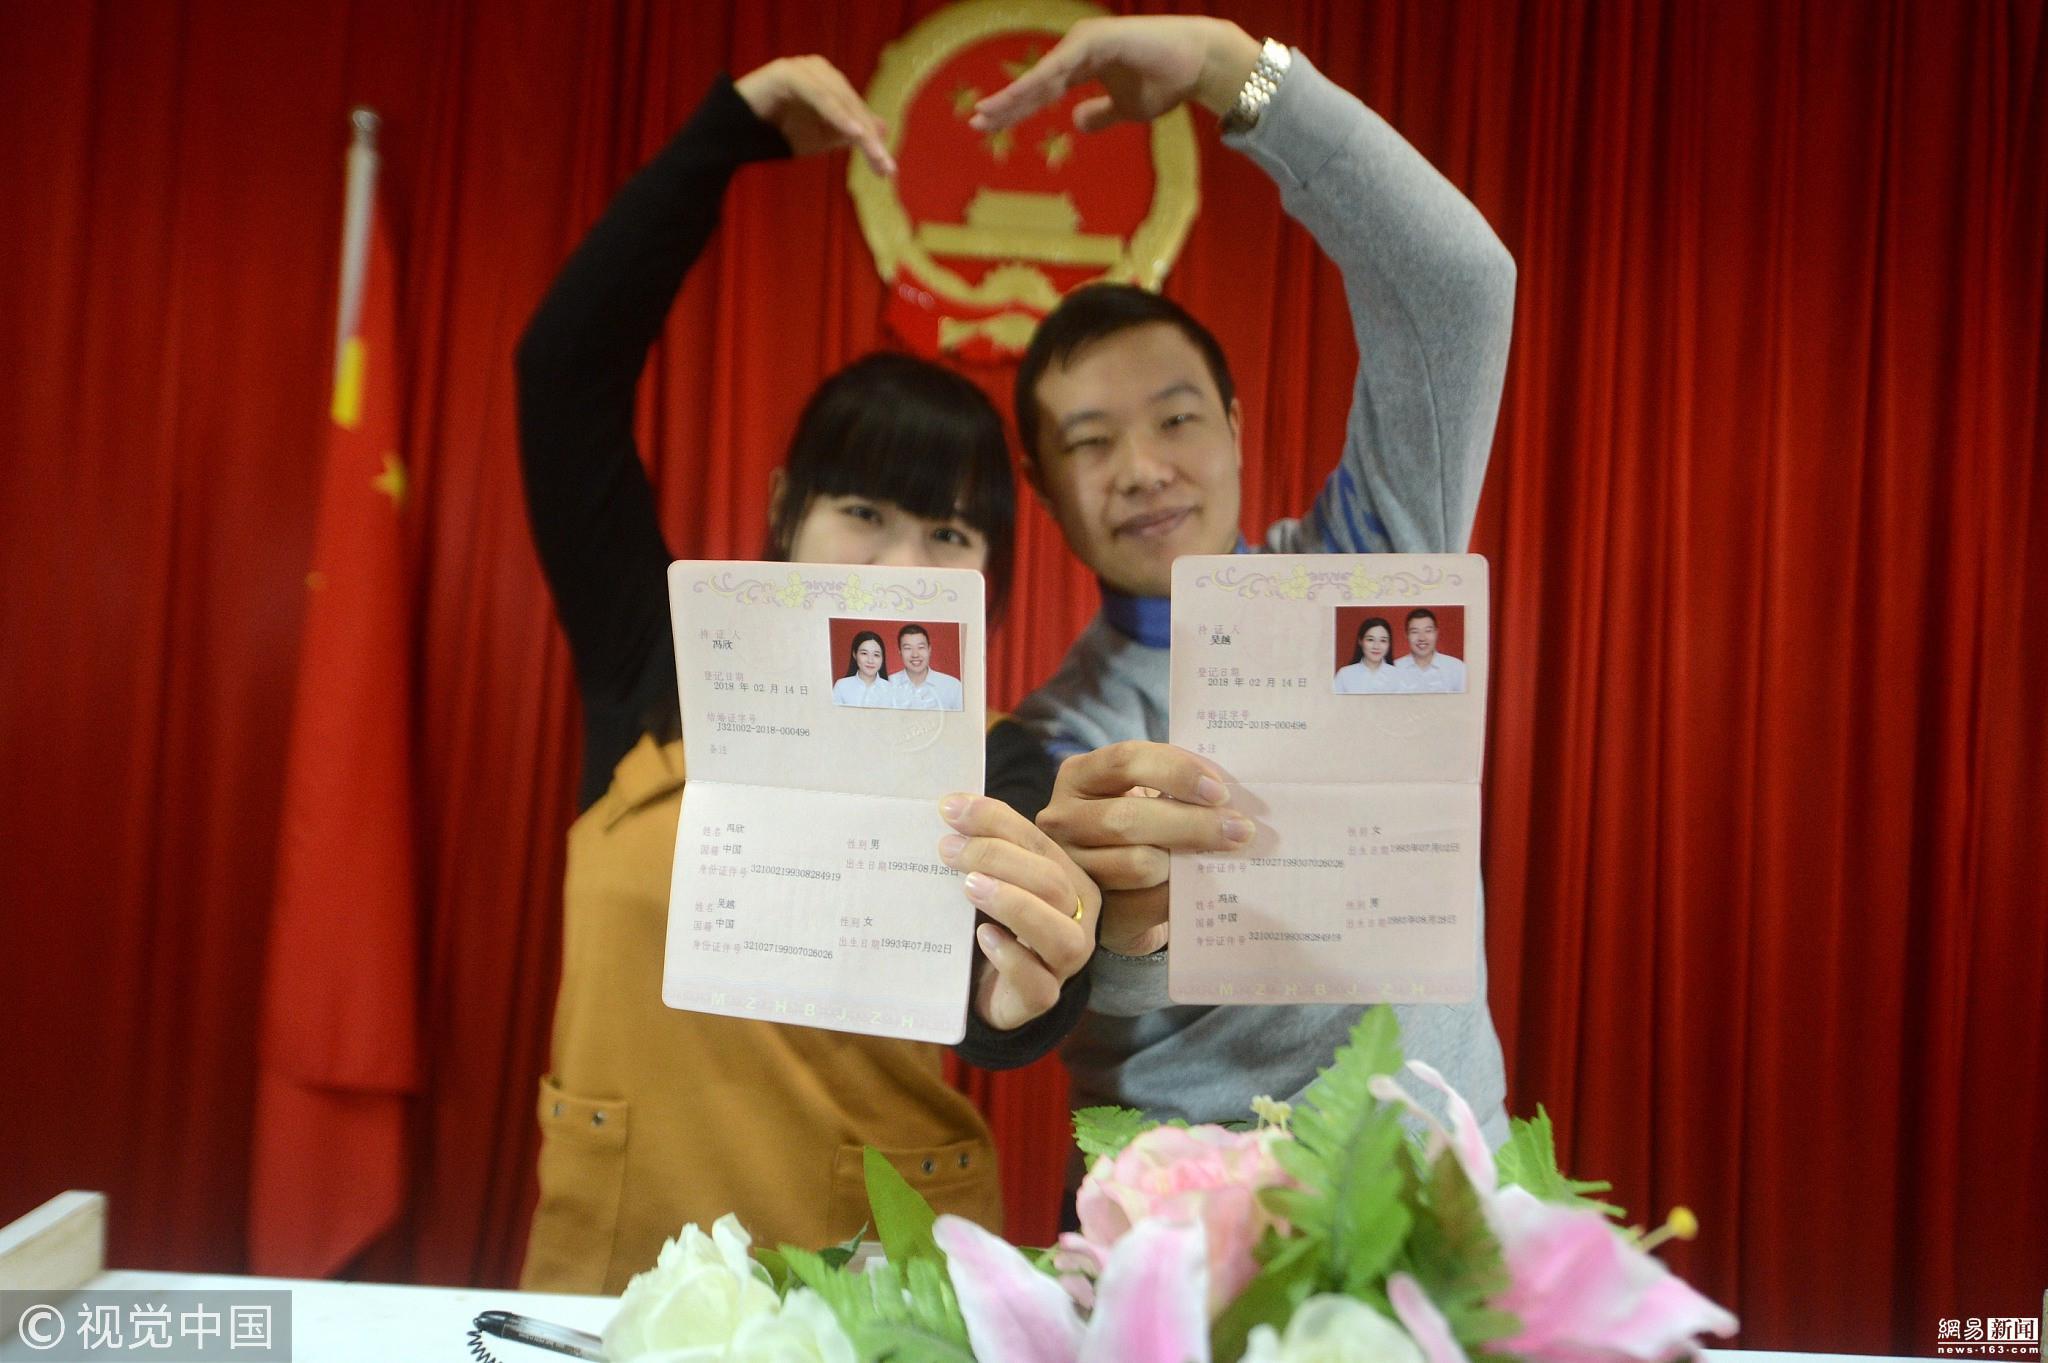 情人节到来 各地新人扎堆领证忙! - 周公乐 - xinhua8848 的博客